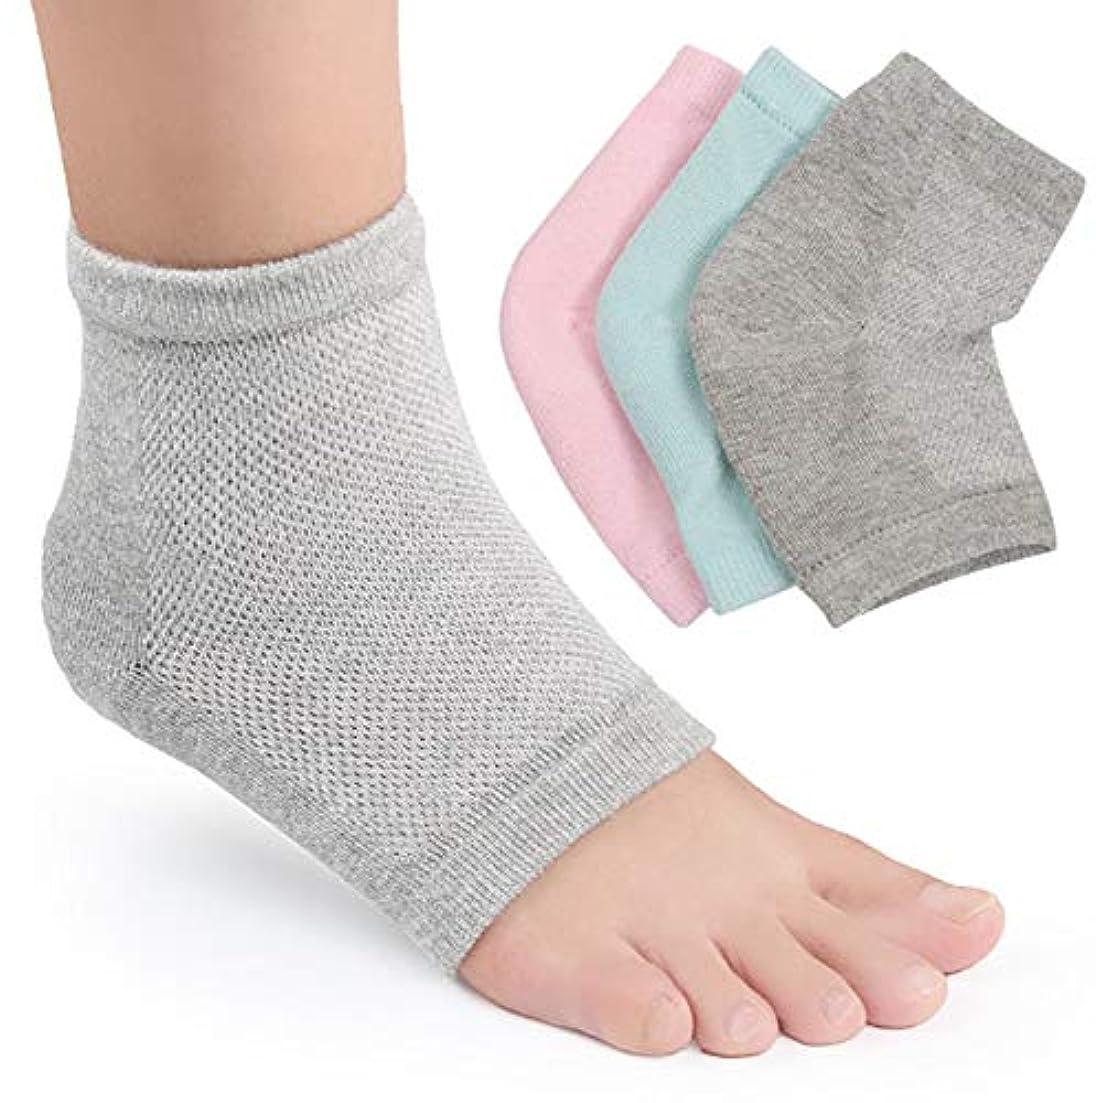 線形含むしかしながらかかと 靴下 かかとケア つるつる 靴下 かかと ひび割れ ジェル 靴下 角質 ケア 保湿 美容 角質除去 足SPA 足ケア 男女兼用 3足セット(グリーン+ピンク+グレイ)